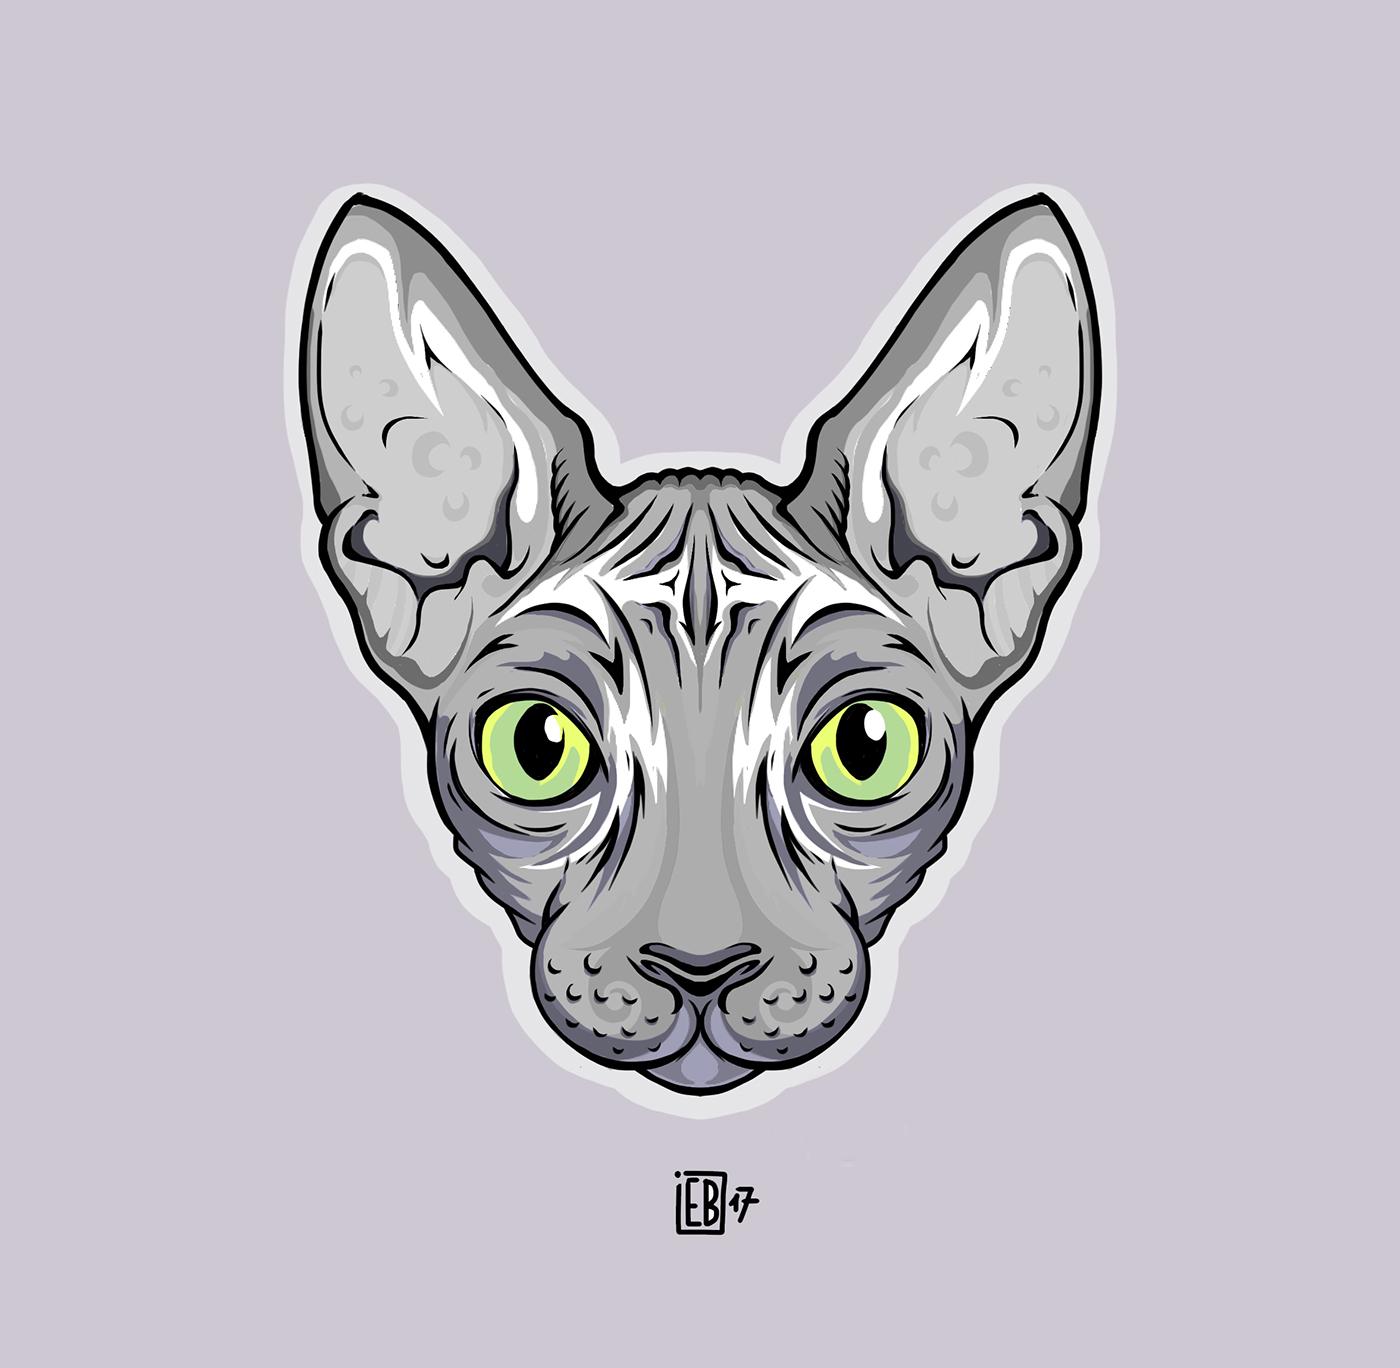 sphynx cat gatto sphinx devon rex cats gatto sphynx yoda animal simmetry LouisVuitton